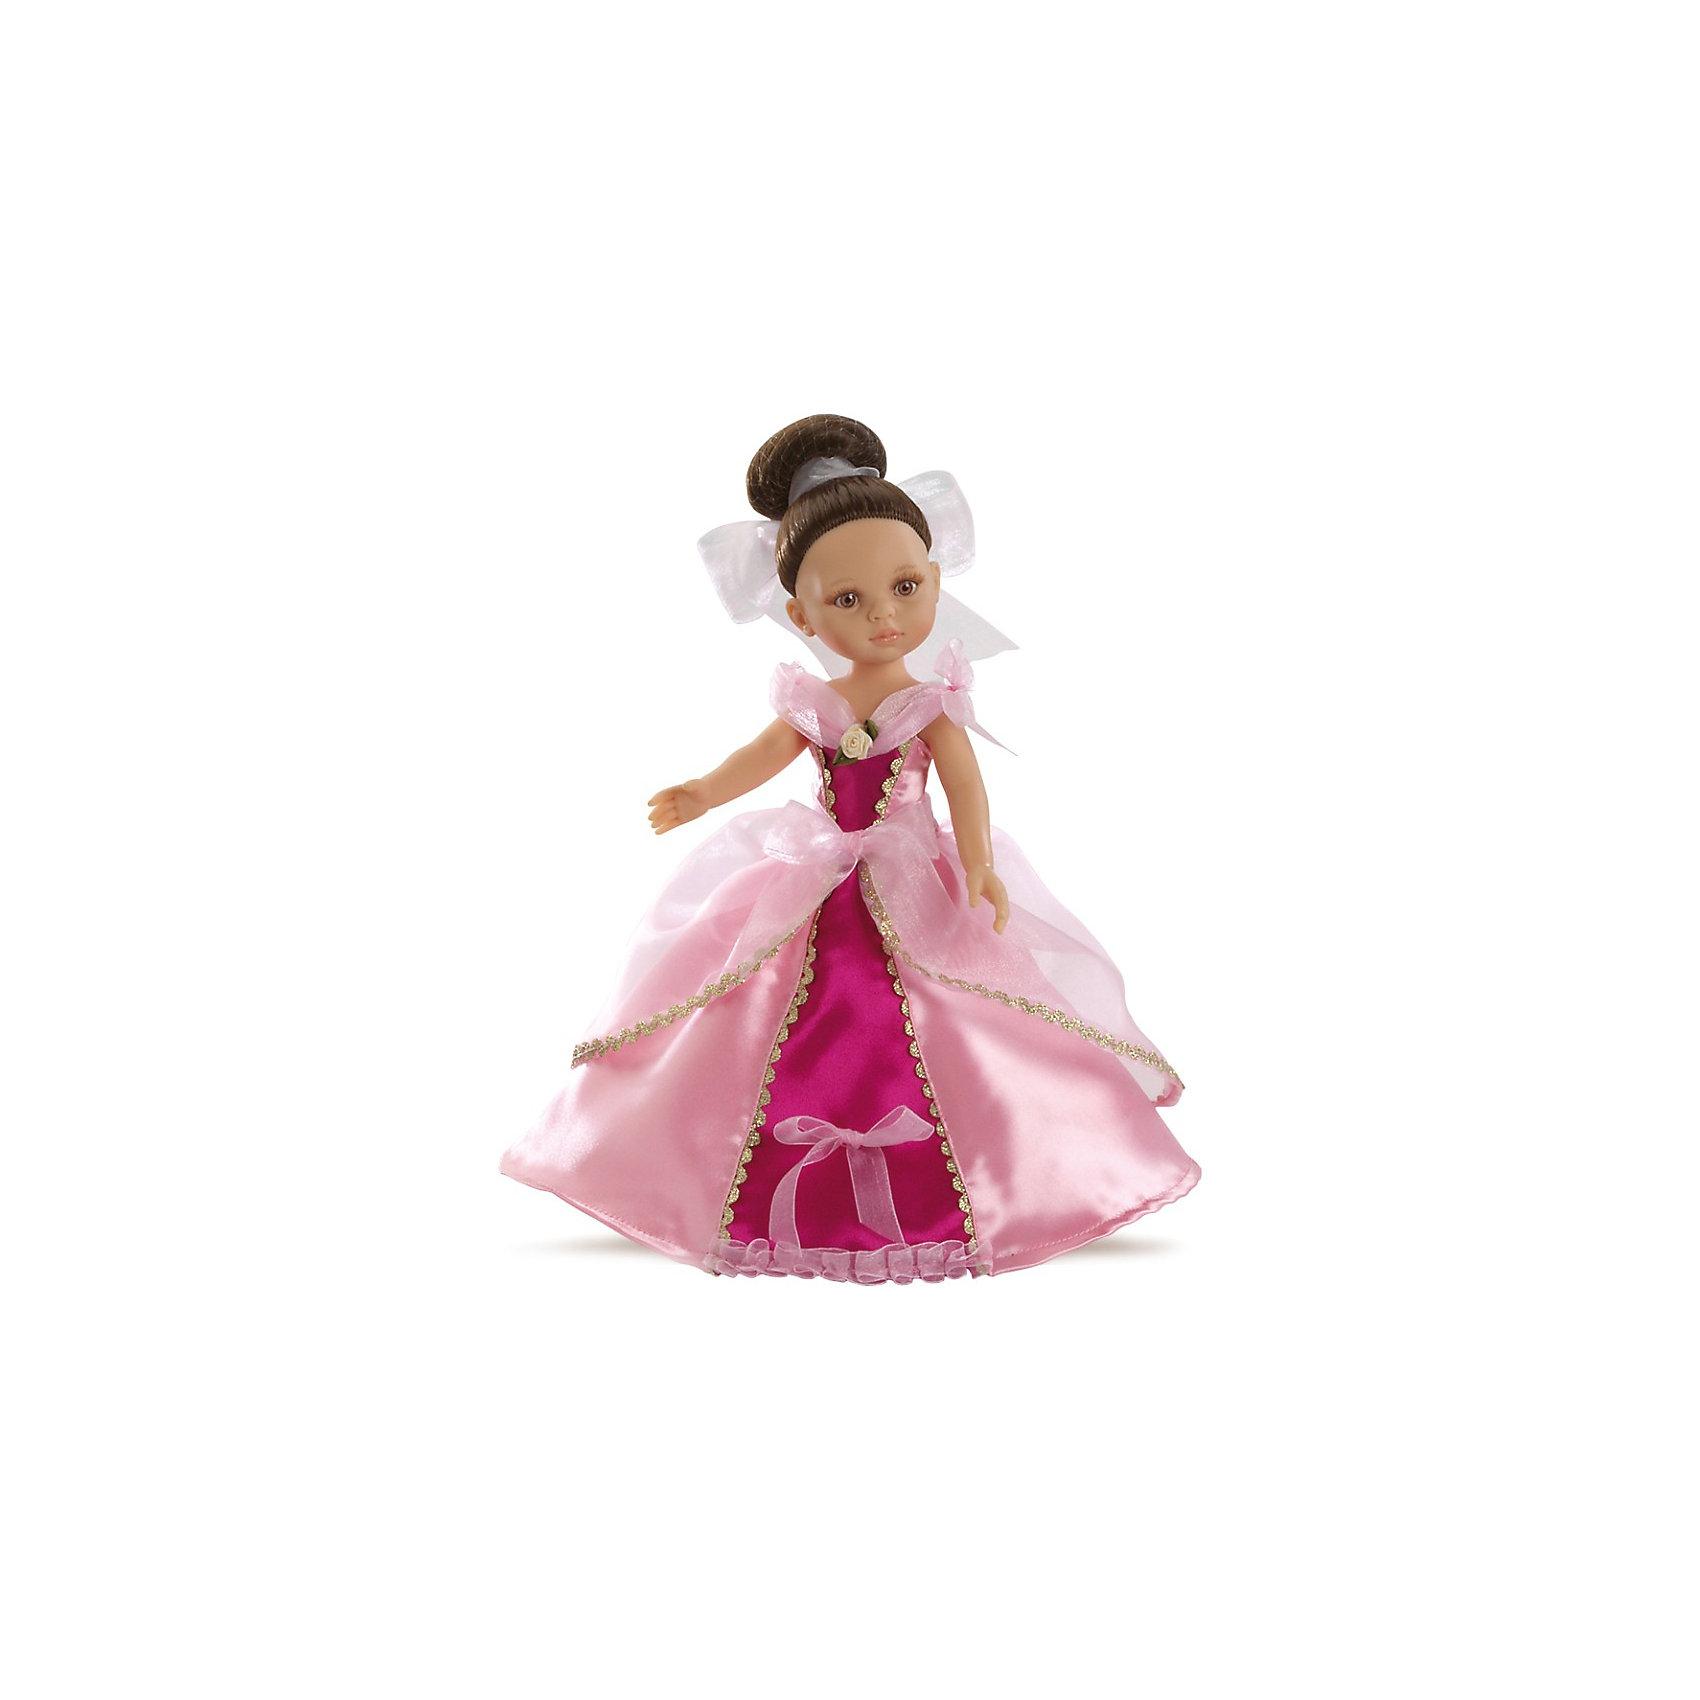 Paola Reina Кукла Кэрол, 32см, Paola Reina кукла пупс без одежды девочка европейка 22см paola reina